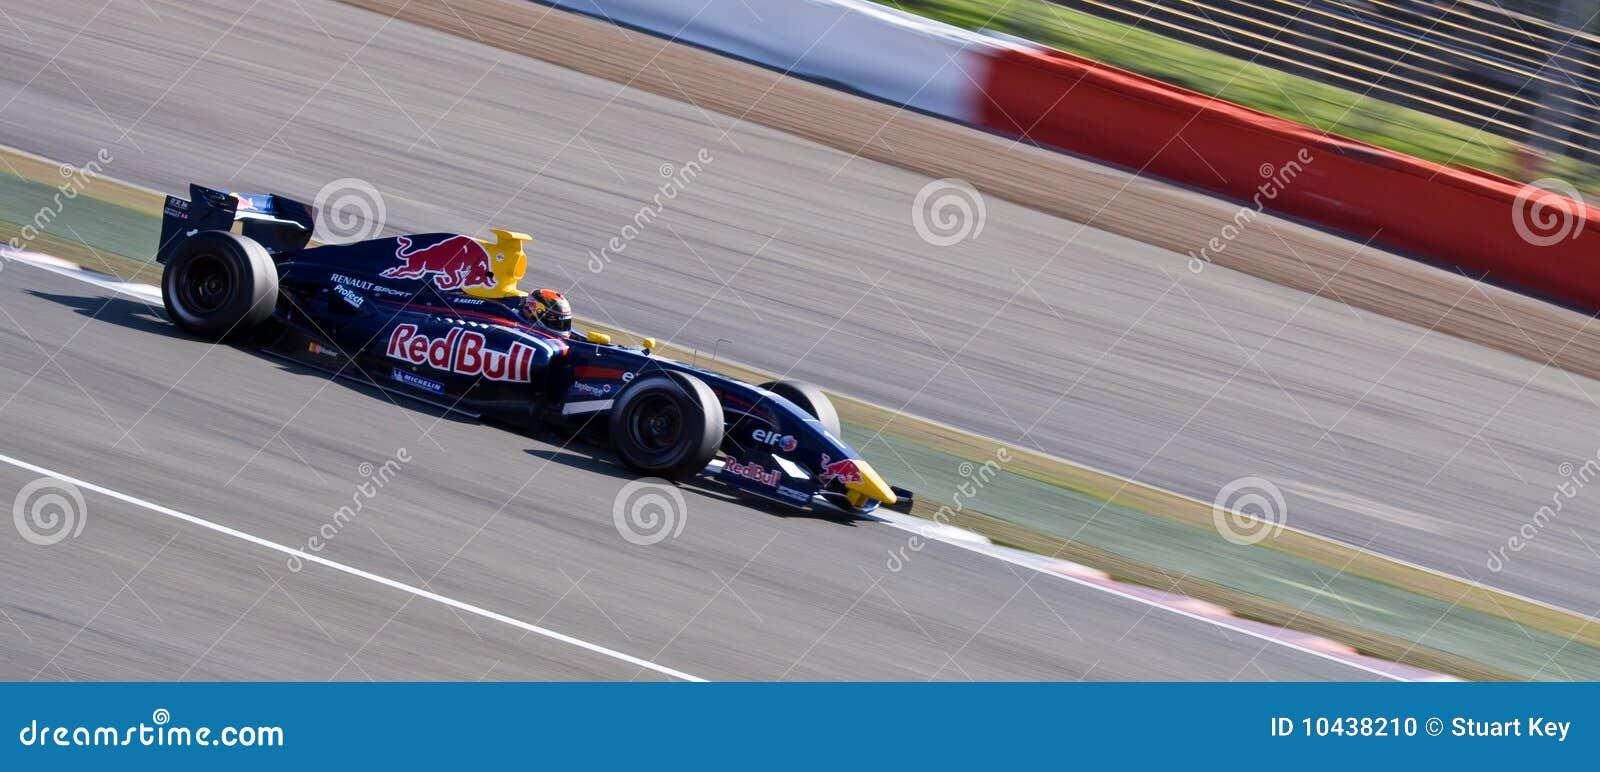 De raceauto van Red Bull